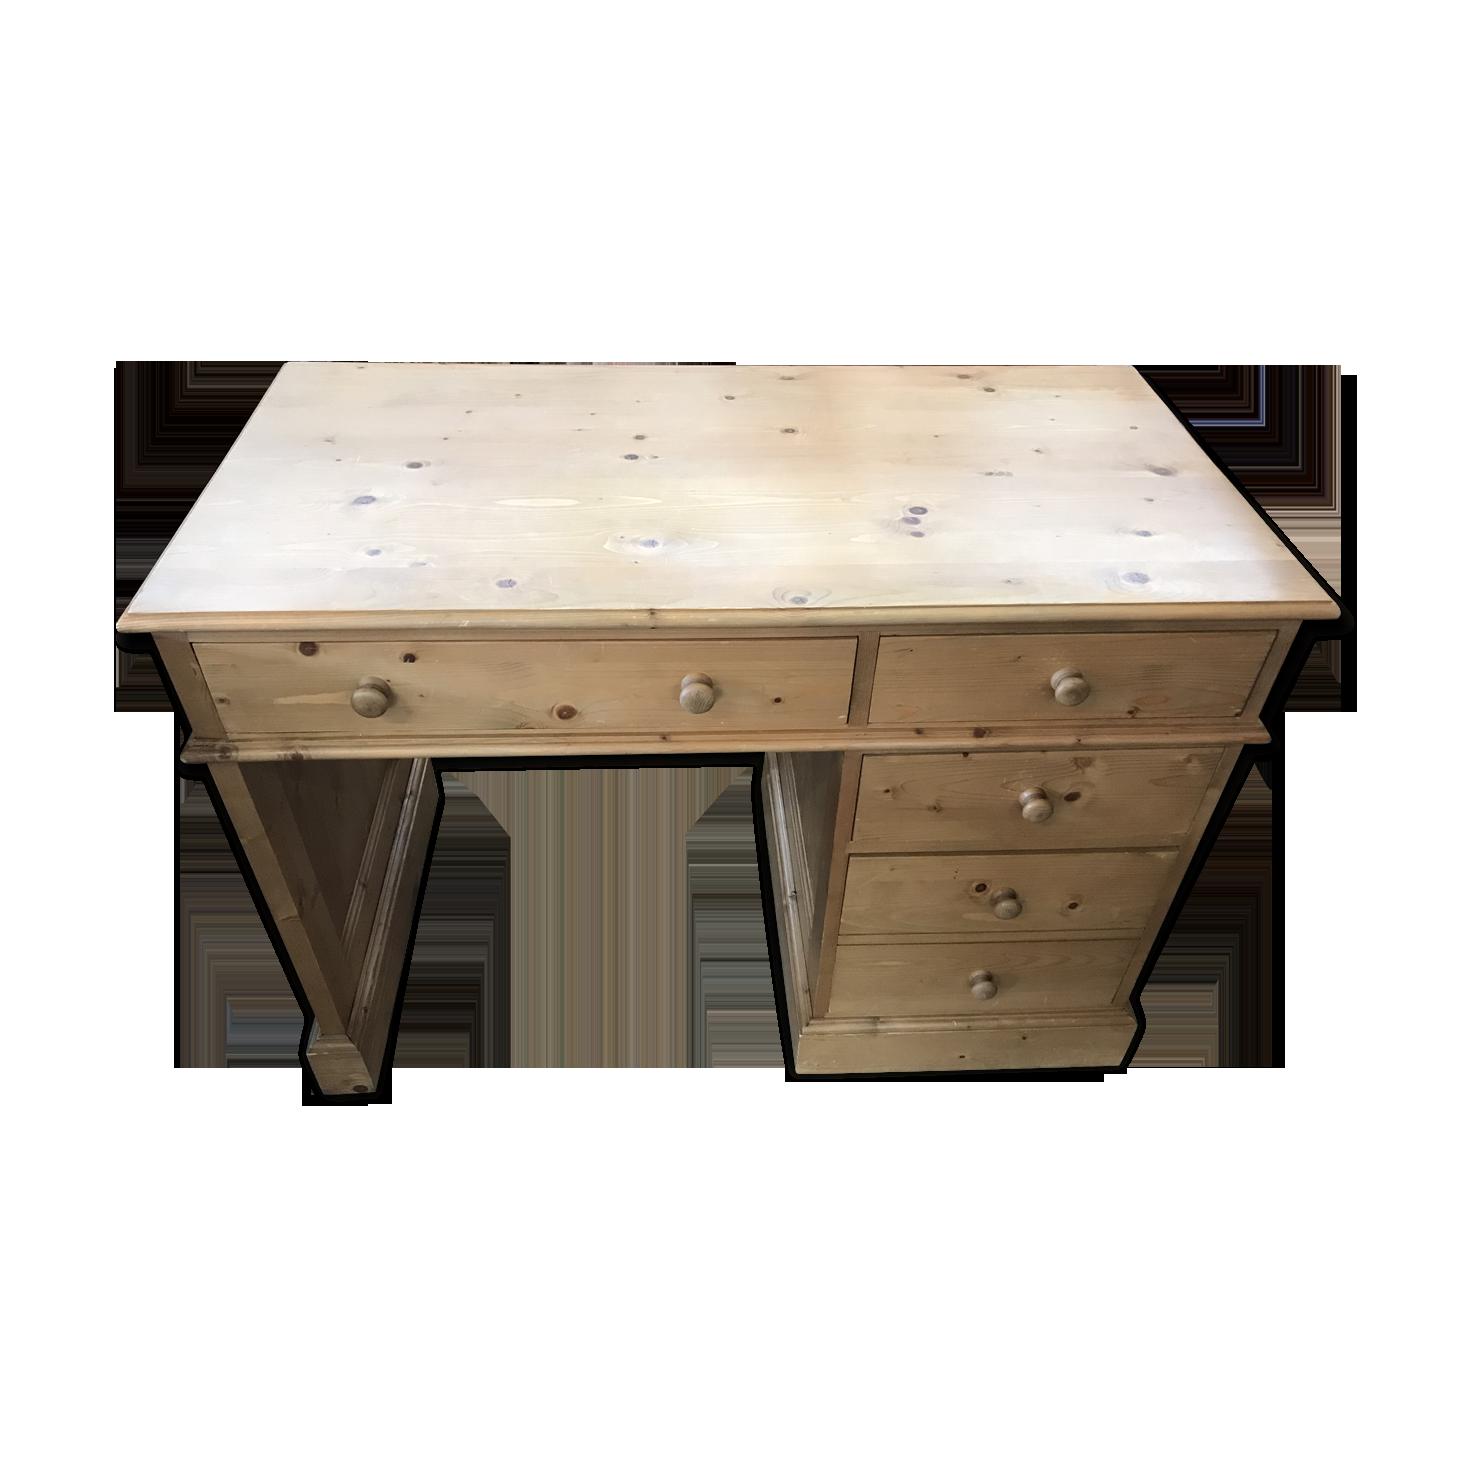 Bureau en sapin bois matériau bois couleur vintage poikmkr